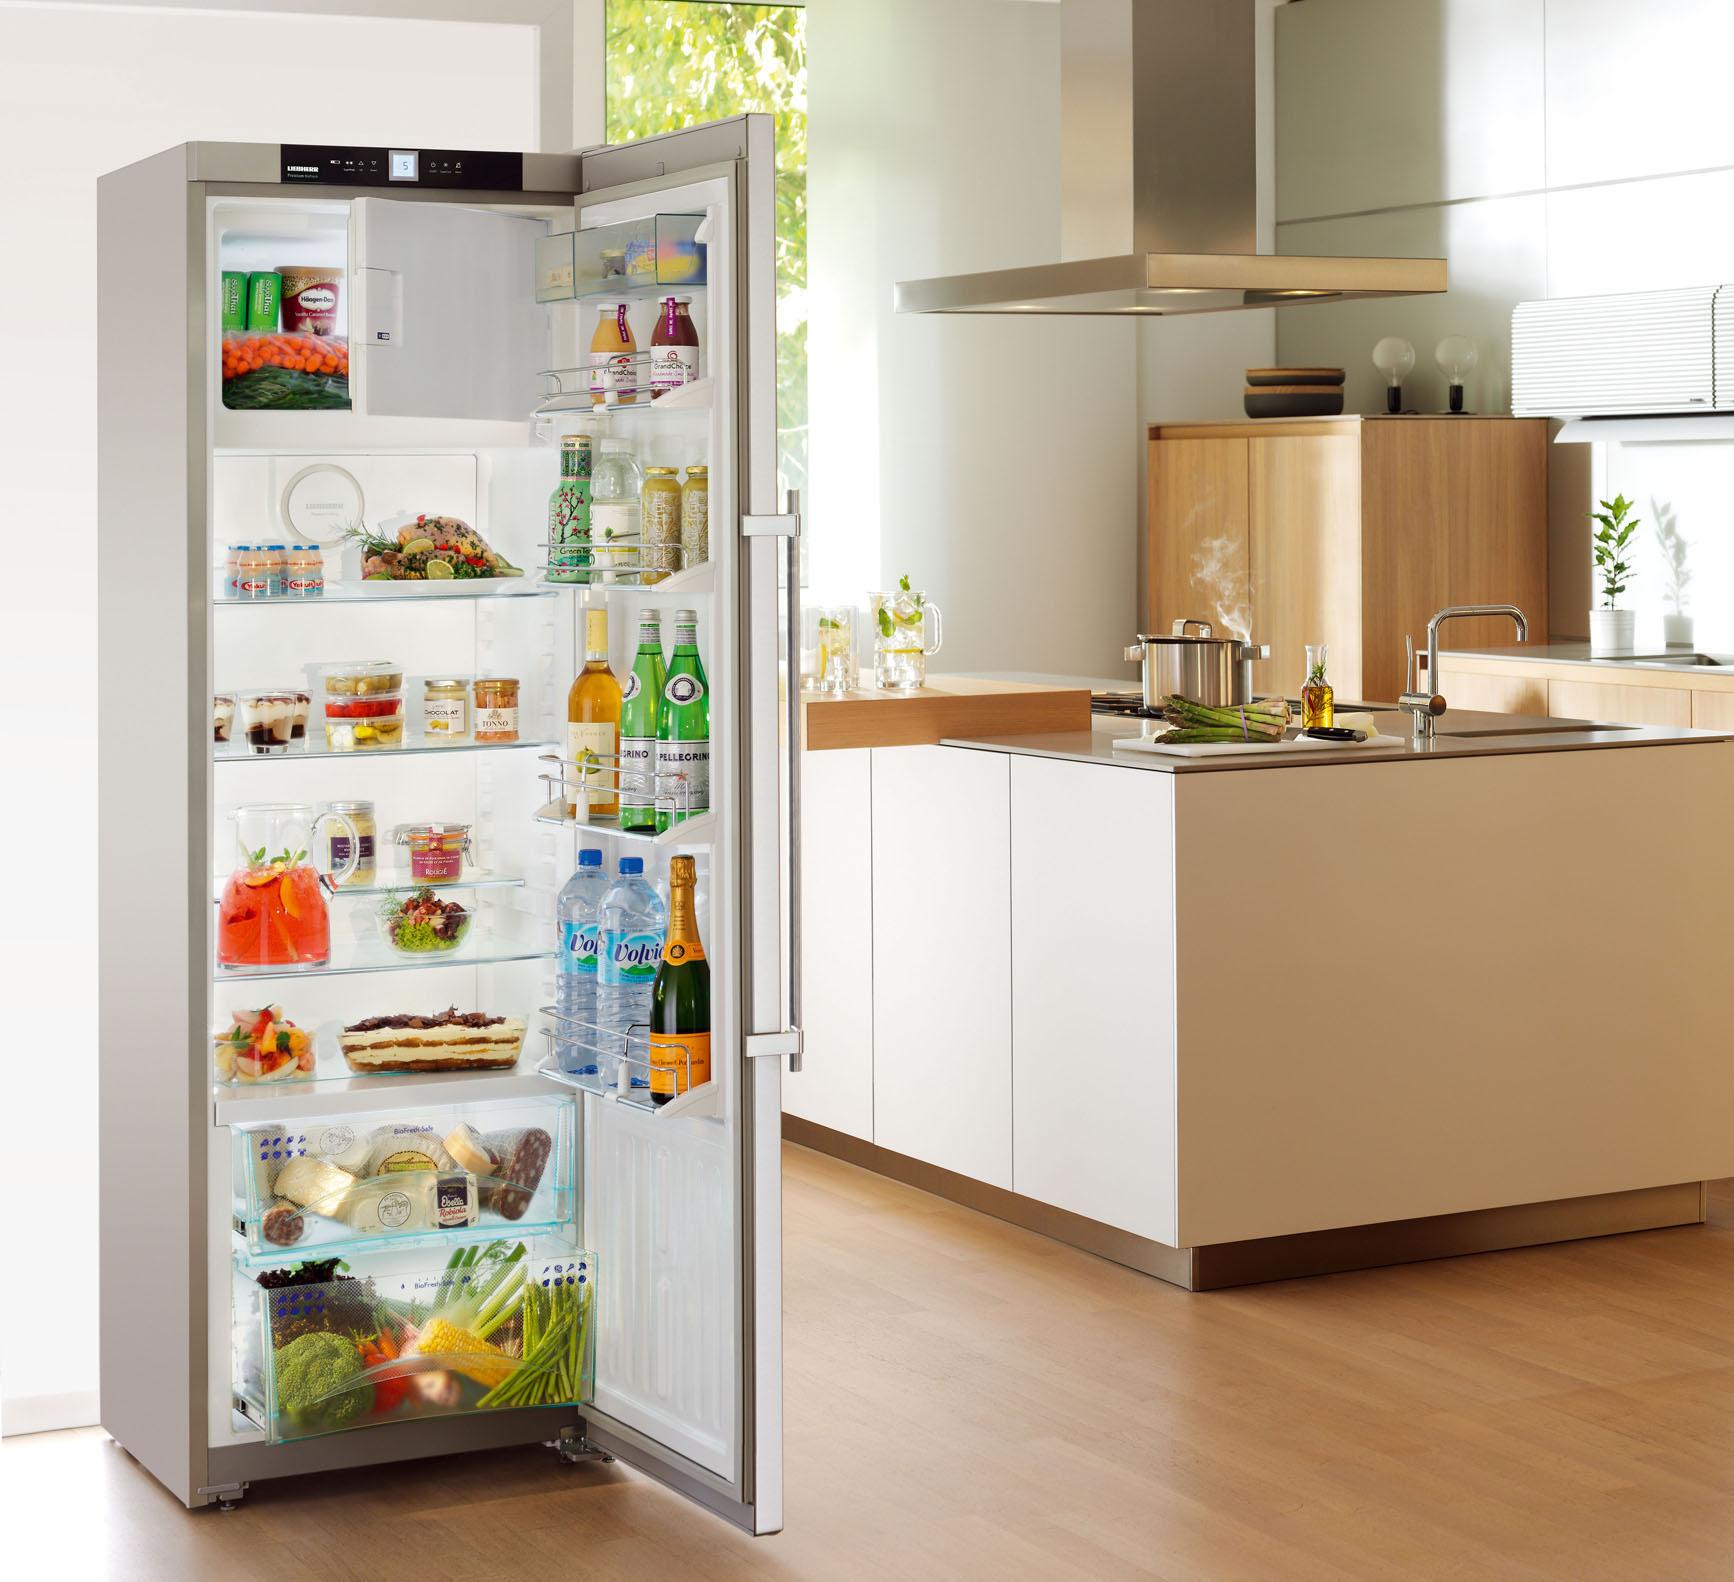 Рейтинг лучших холодильников 2020 года по качеству и надежности (топ 10)